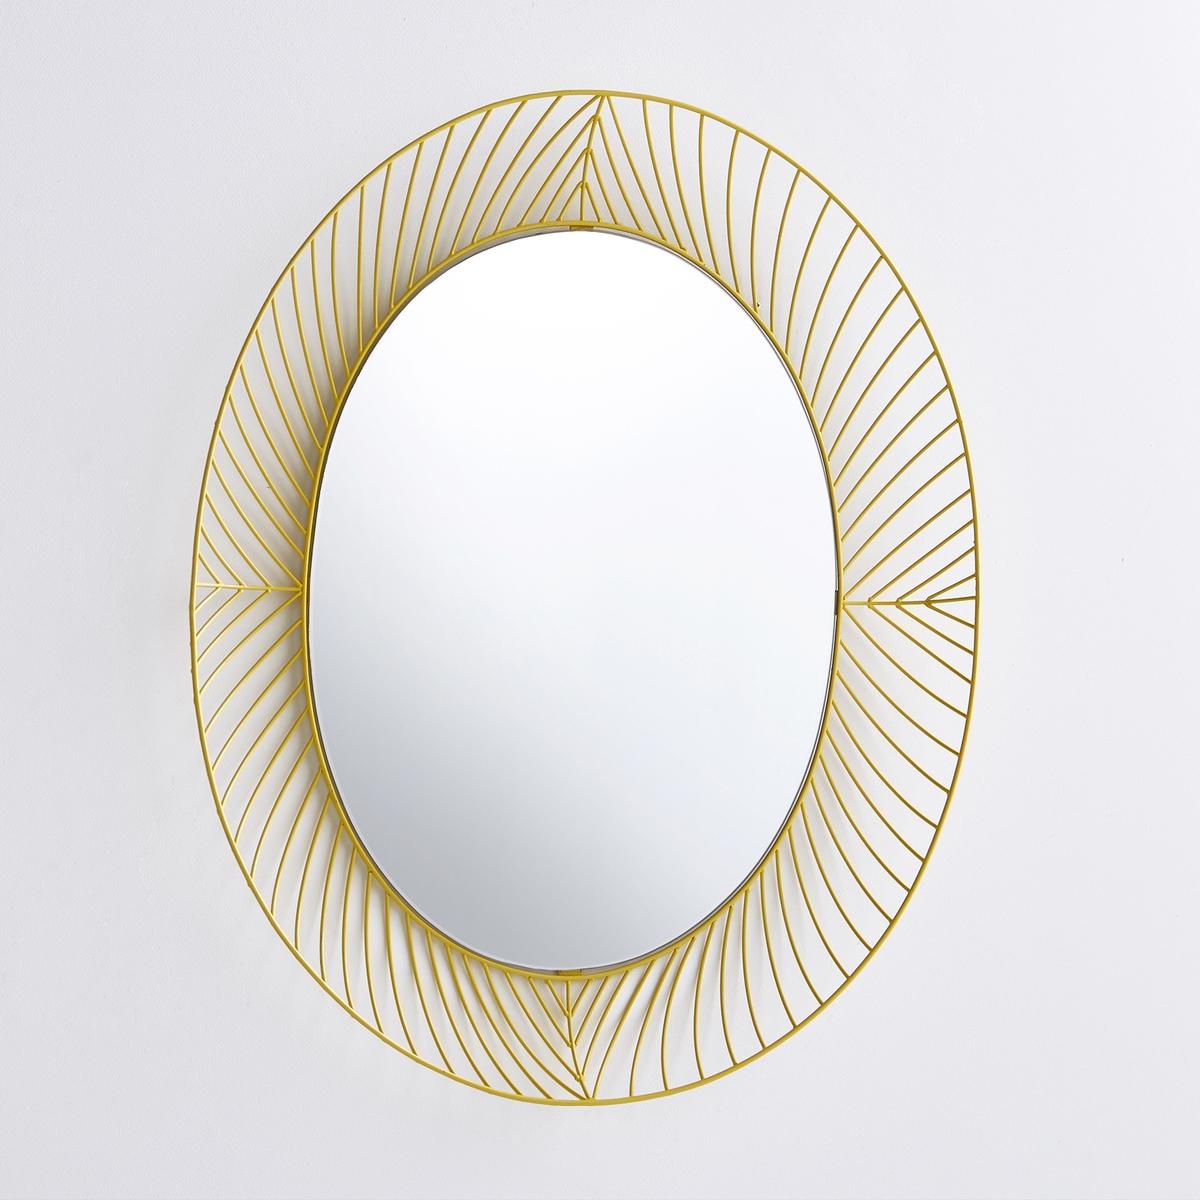 Зеркало овальное Stilk, дизайн от Colonel для Serax, Ш.65 x В.80 смХарактеристики :- Зеркало в оправе из спаянных стальных проволок- Отделка желтой эпоксидной краскойРазмеры  : - Ш.65 x В.80 x Г.6 см<br><br>Цвет: желтый<br>Размер: единый размер